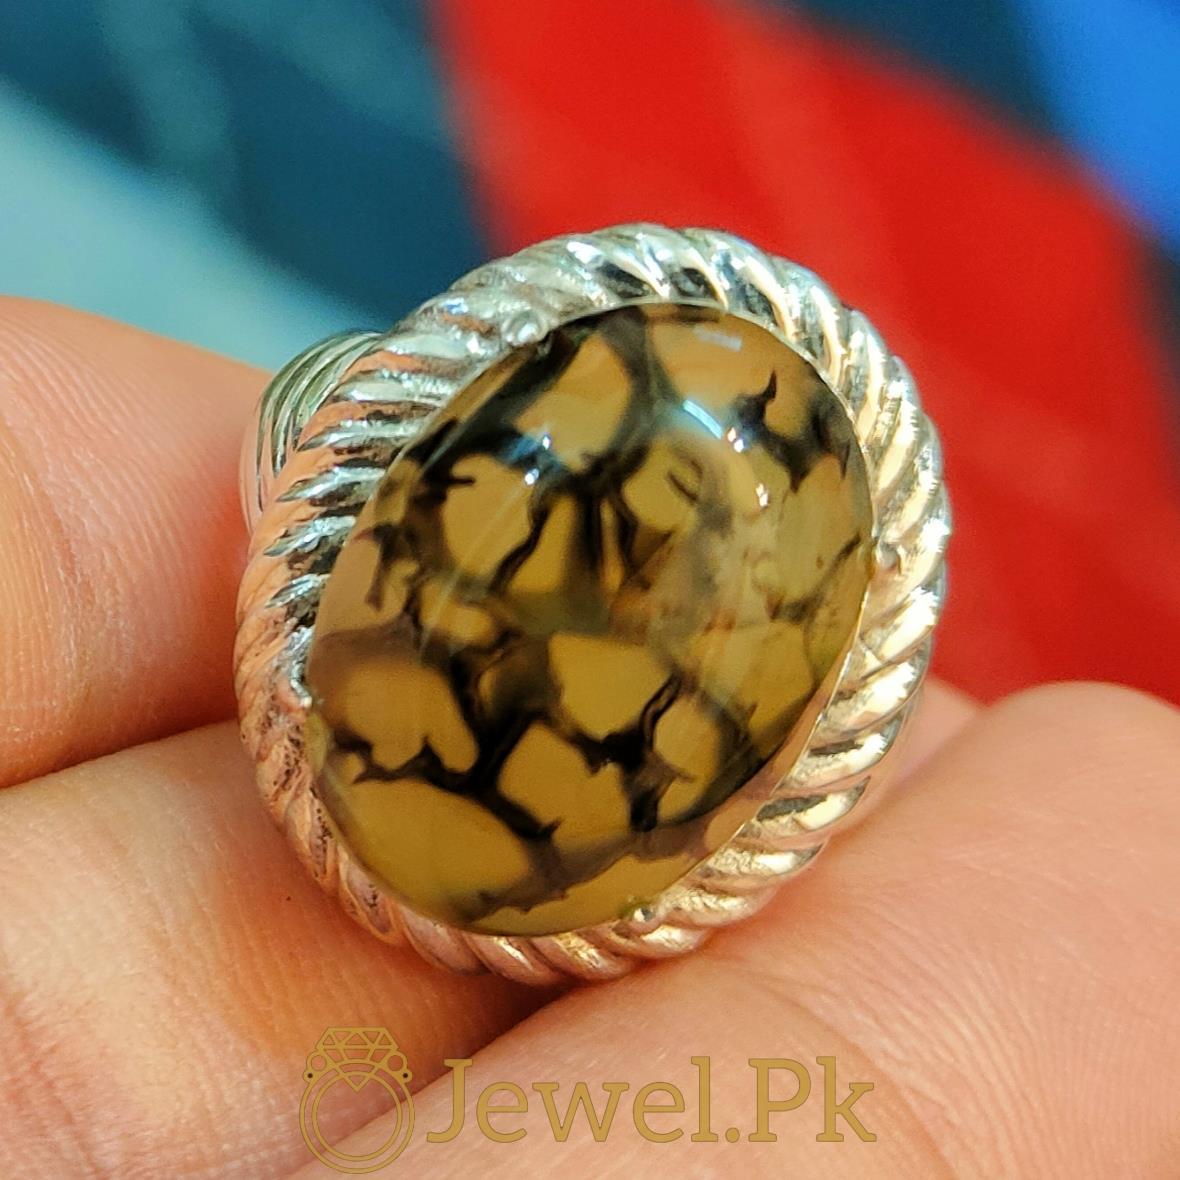 Natural Shajiri Aqeeq Ring Beautiful Aqeeq 1 natural gemstones pakistan + 925 silver jewelry online